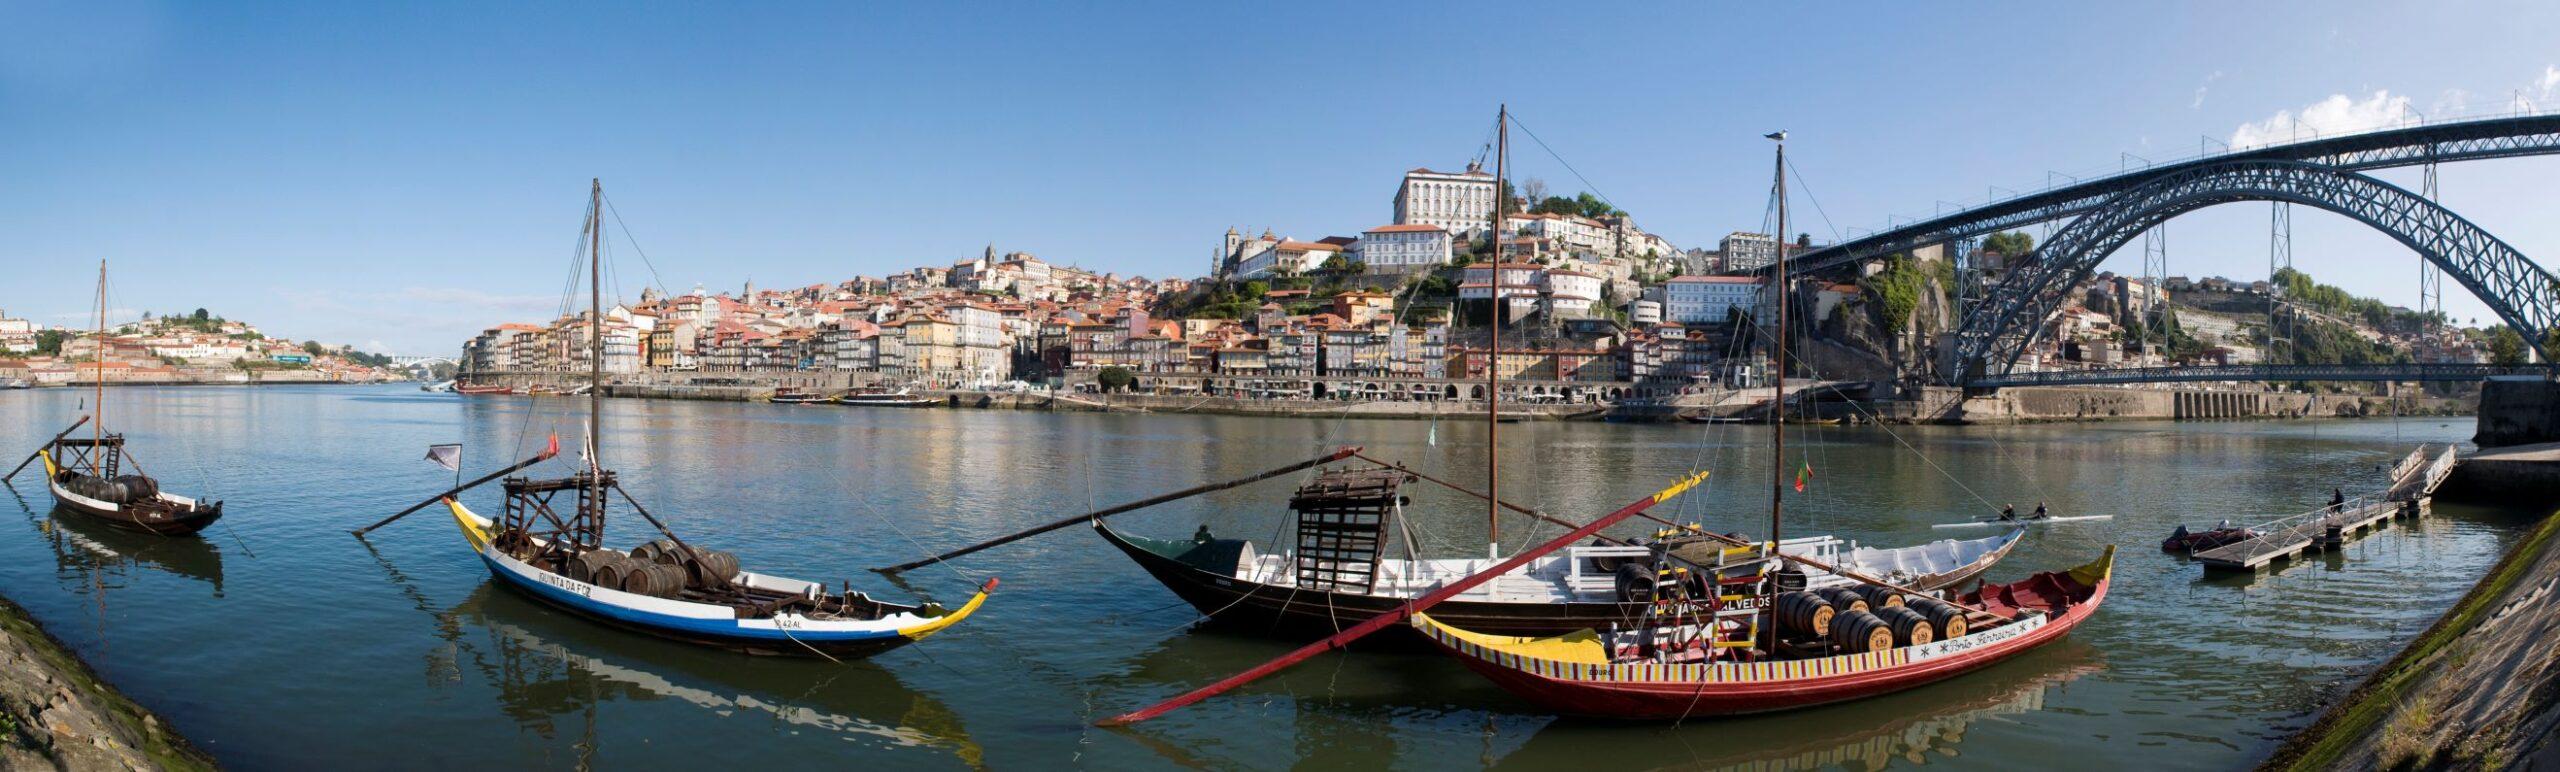 CroisiEurope lanza una oferta especial de 2x1 en sus cruceros por el Duero